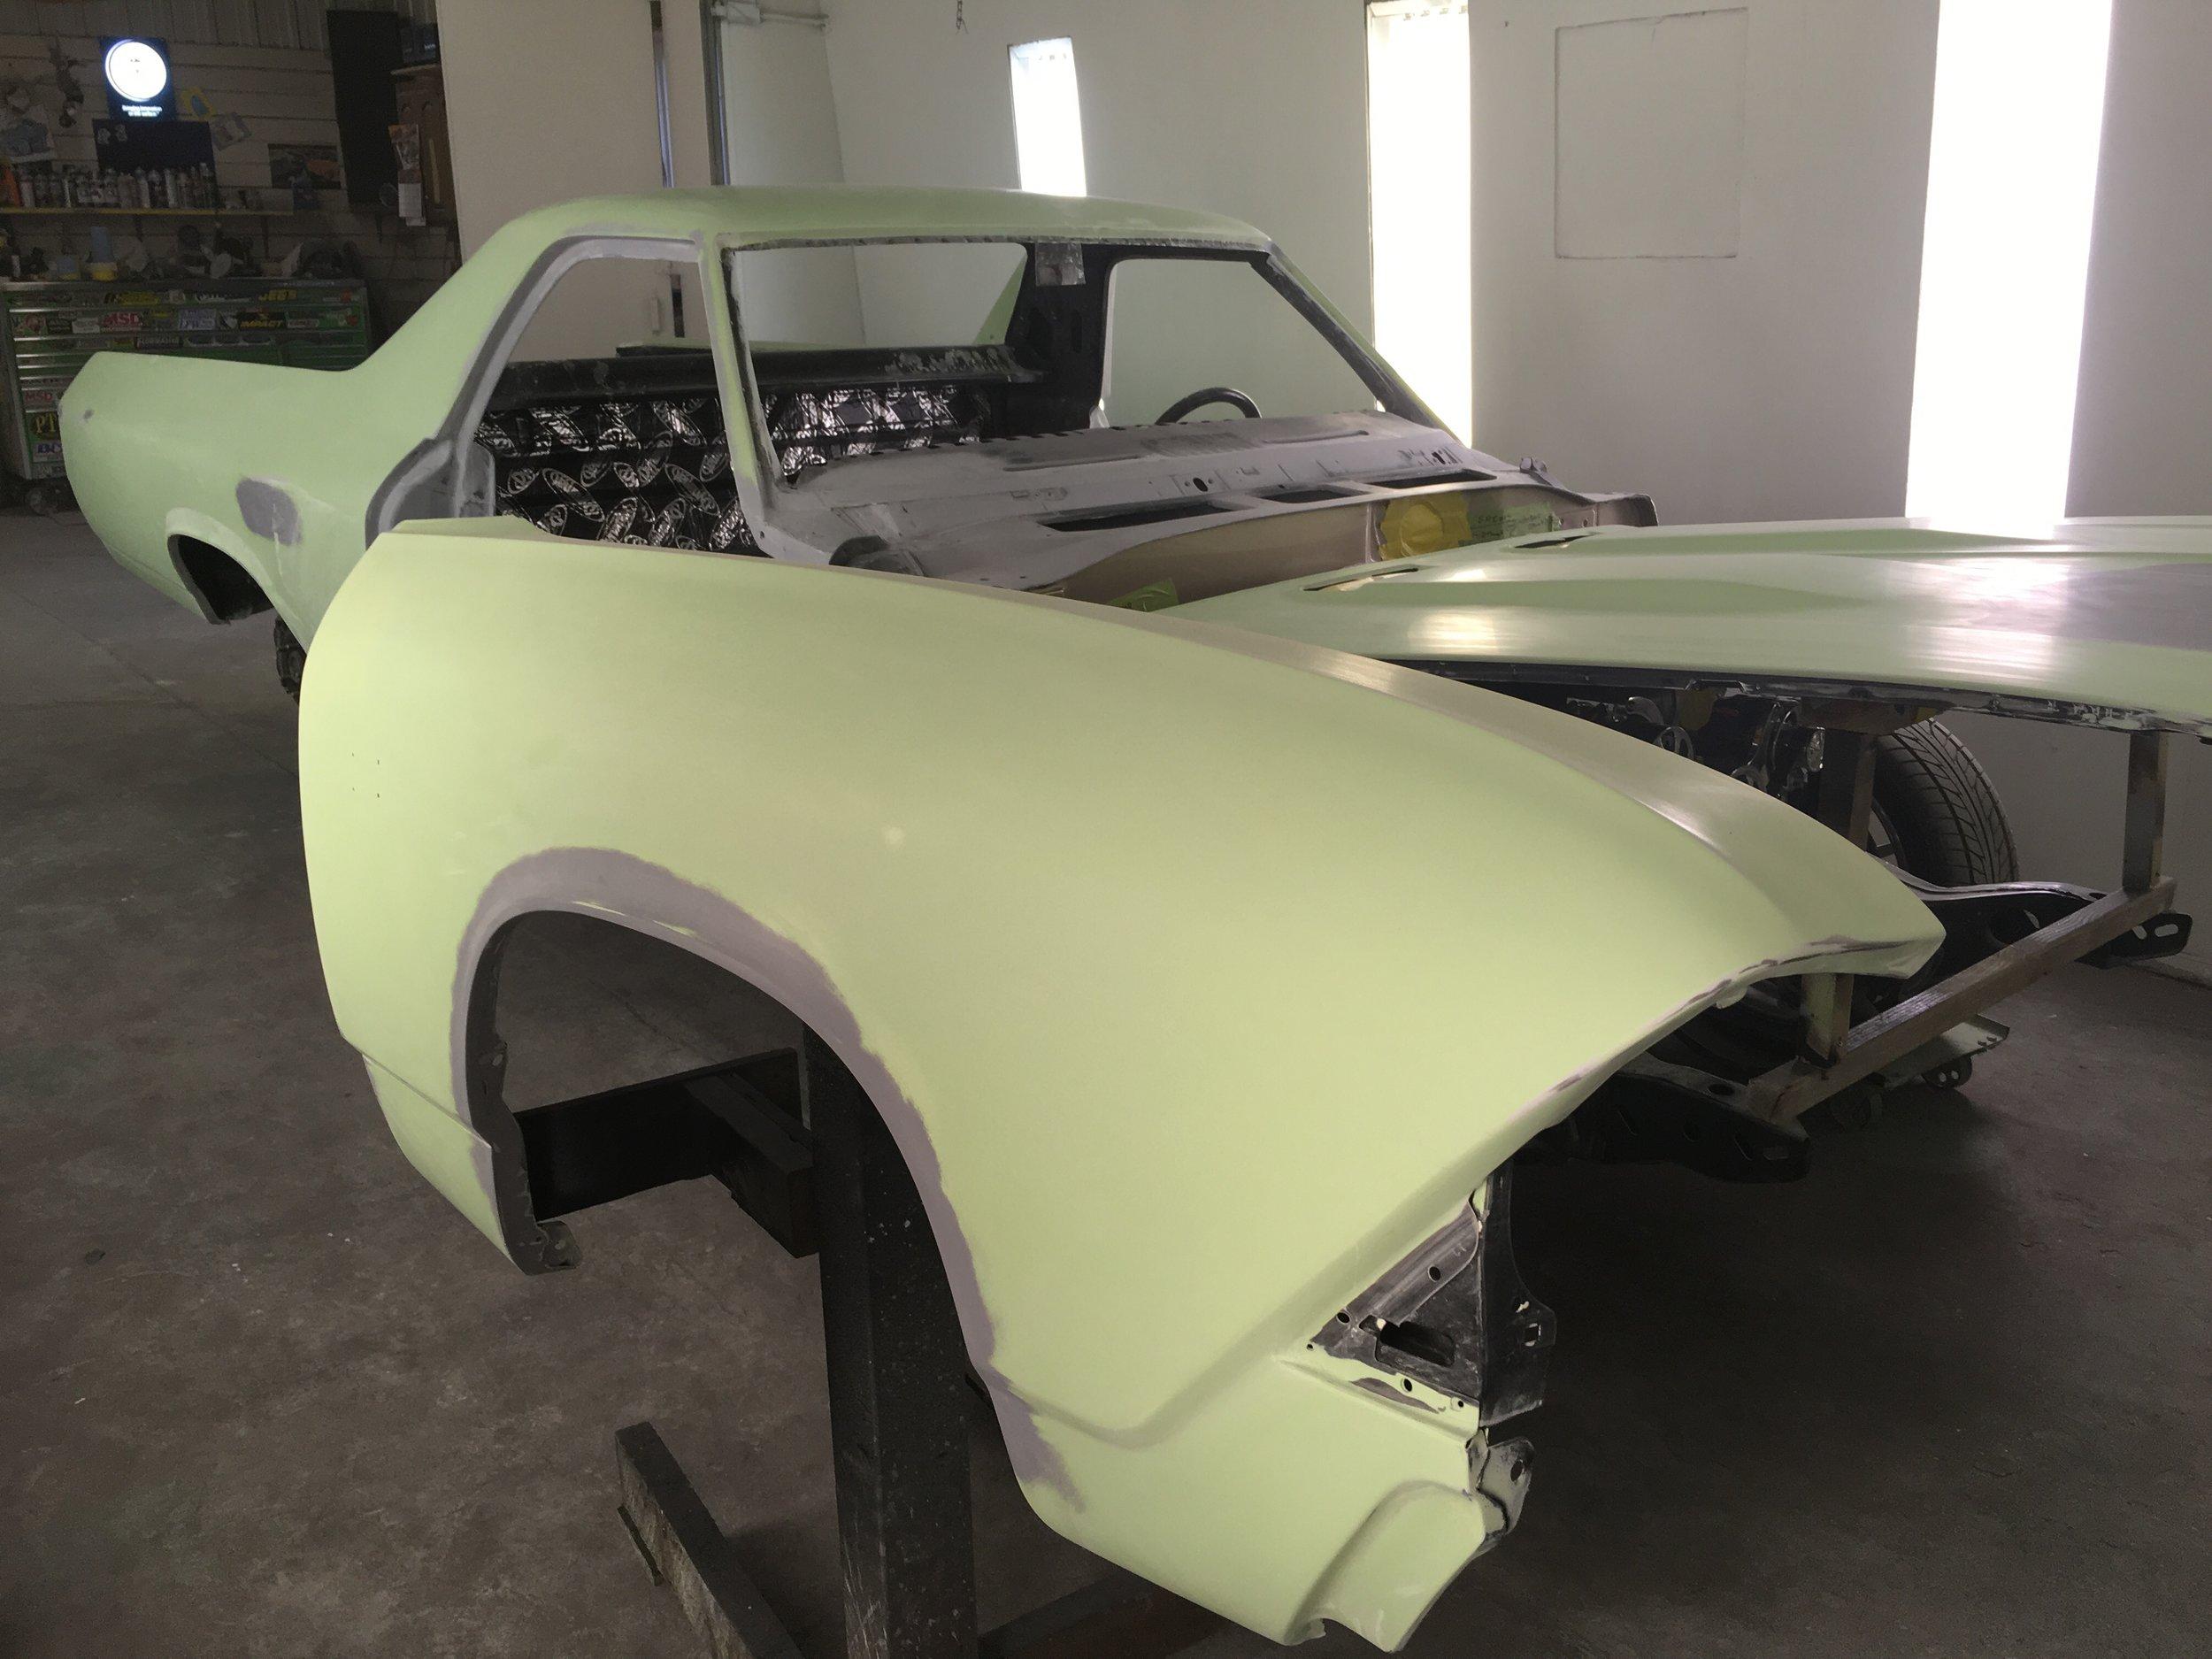 1968-El-Camino-minneapolis-hot-rod-restoration-custom-build-11.jpg